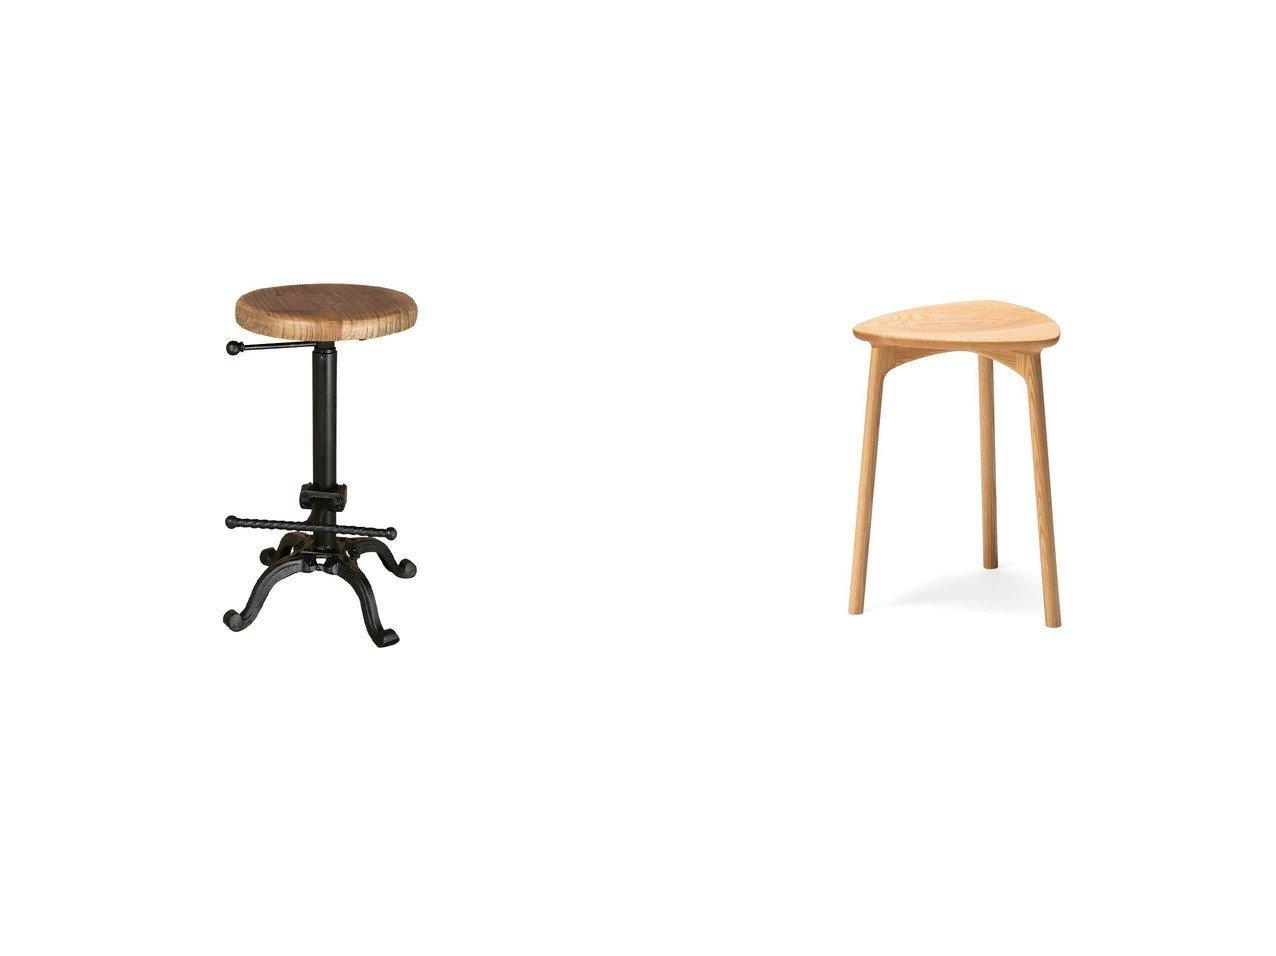 【DULTON/ダルトン】のアイアン スツール Model S245-86ABK&【Hirata Chair/平田椅子製作所】のビオ スツール ハイ 【FURNITURE】おすすめ!人気、インテリア雑貨・家具の通販 おすすめで人気の流行・トレンド、ファッションの通販商品 インテリア・家具・メンズファッション・キッズファッション・レディースファッション・服の通販 founy(ファニー) https://founy.com/ 送料無料 Free Shipping テーブル フォルム フラット アンティーク ウッド ホーム・キャンプ・アウトドア Home,Garden,Outdoor,Camping Gear 家具・インテリア Furniture チェア・椅子 Chair スツール ホーム・キャンプ・アウトドア Home,Garden,Outdoor,Camping Gear 家具・インテリア Furniture チェア・椅子 Chair カウンターチェア・ハイスツール |ID:crp329100000055179